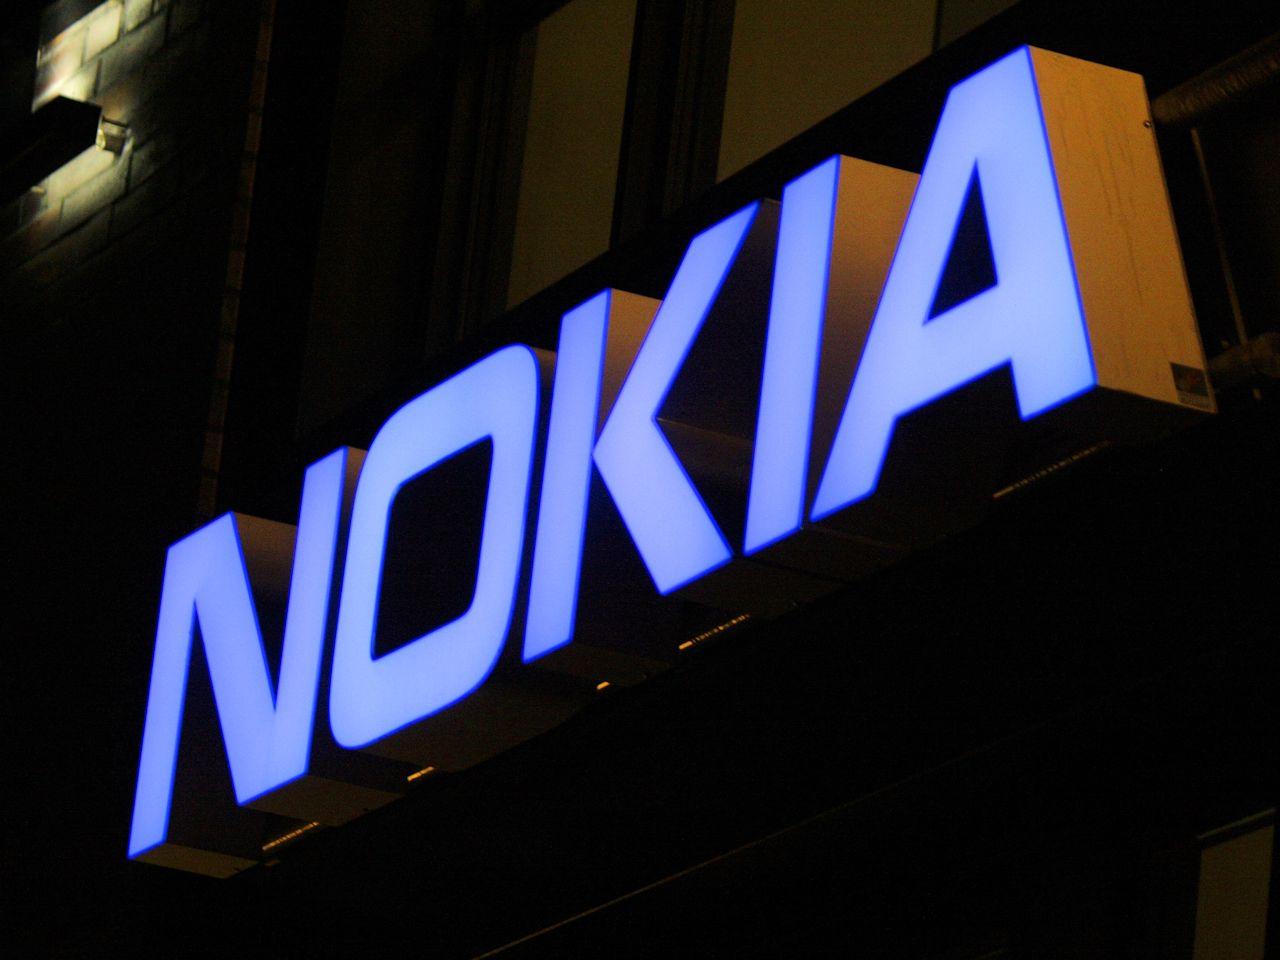 Alguna de estas fotografías filtradas podría acabar siendo el diseño final de la carcasa trasera del Nokia 1